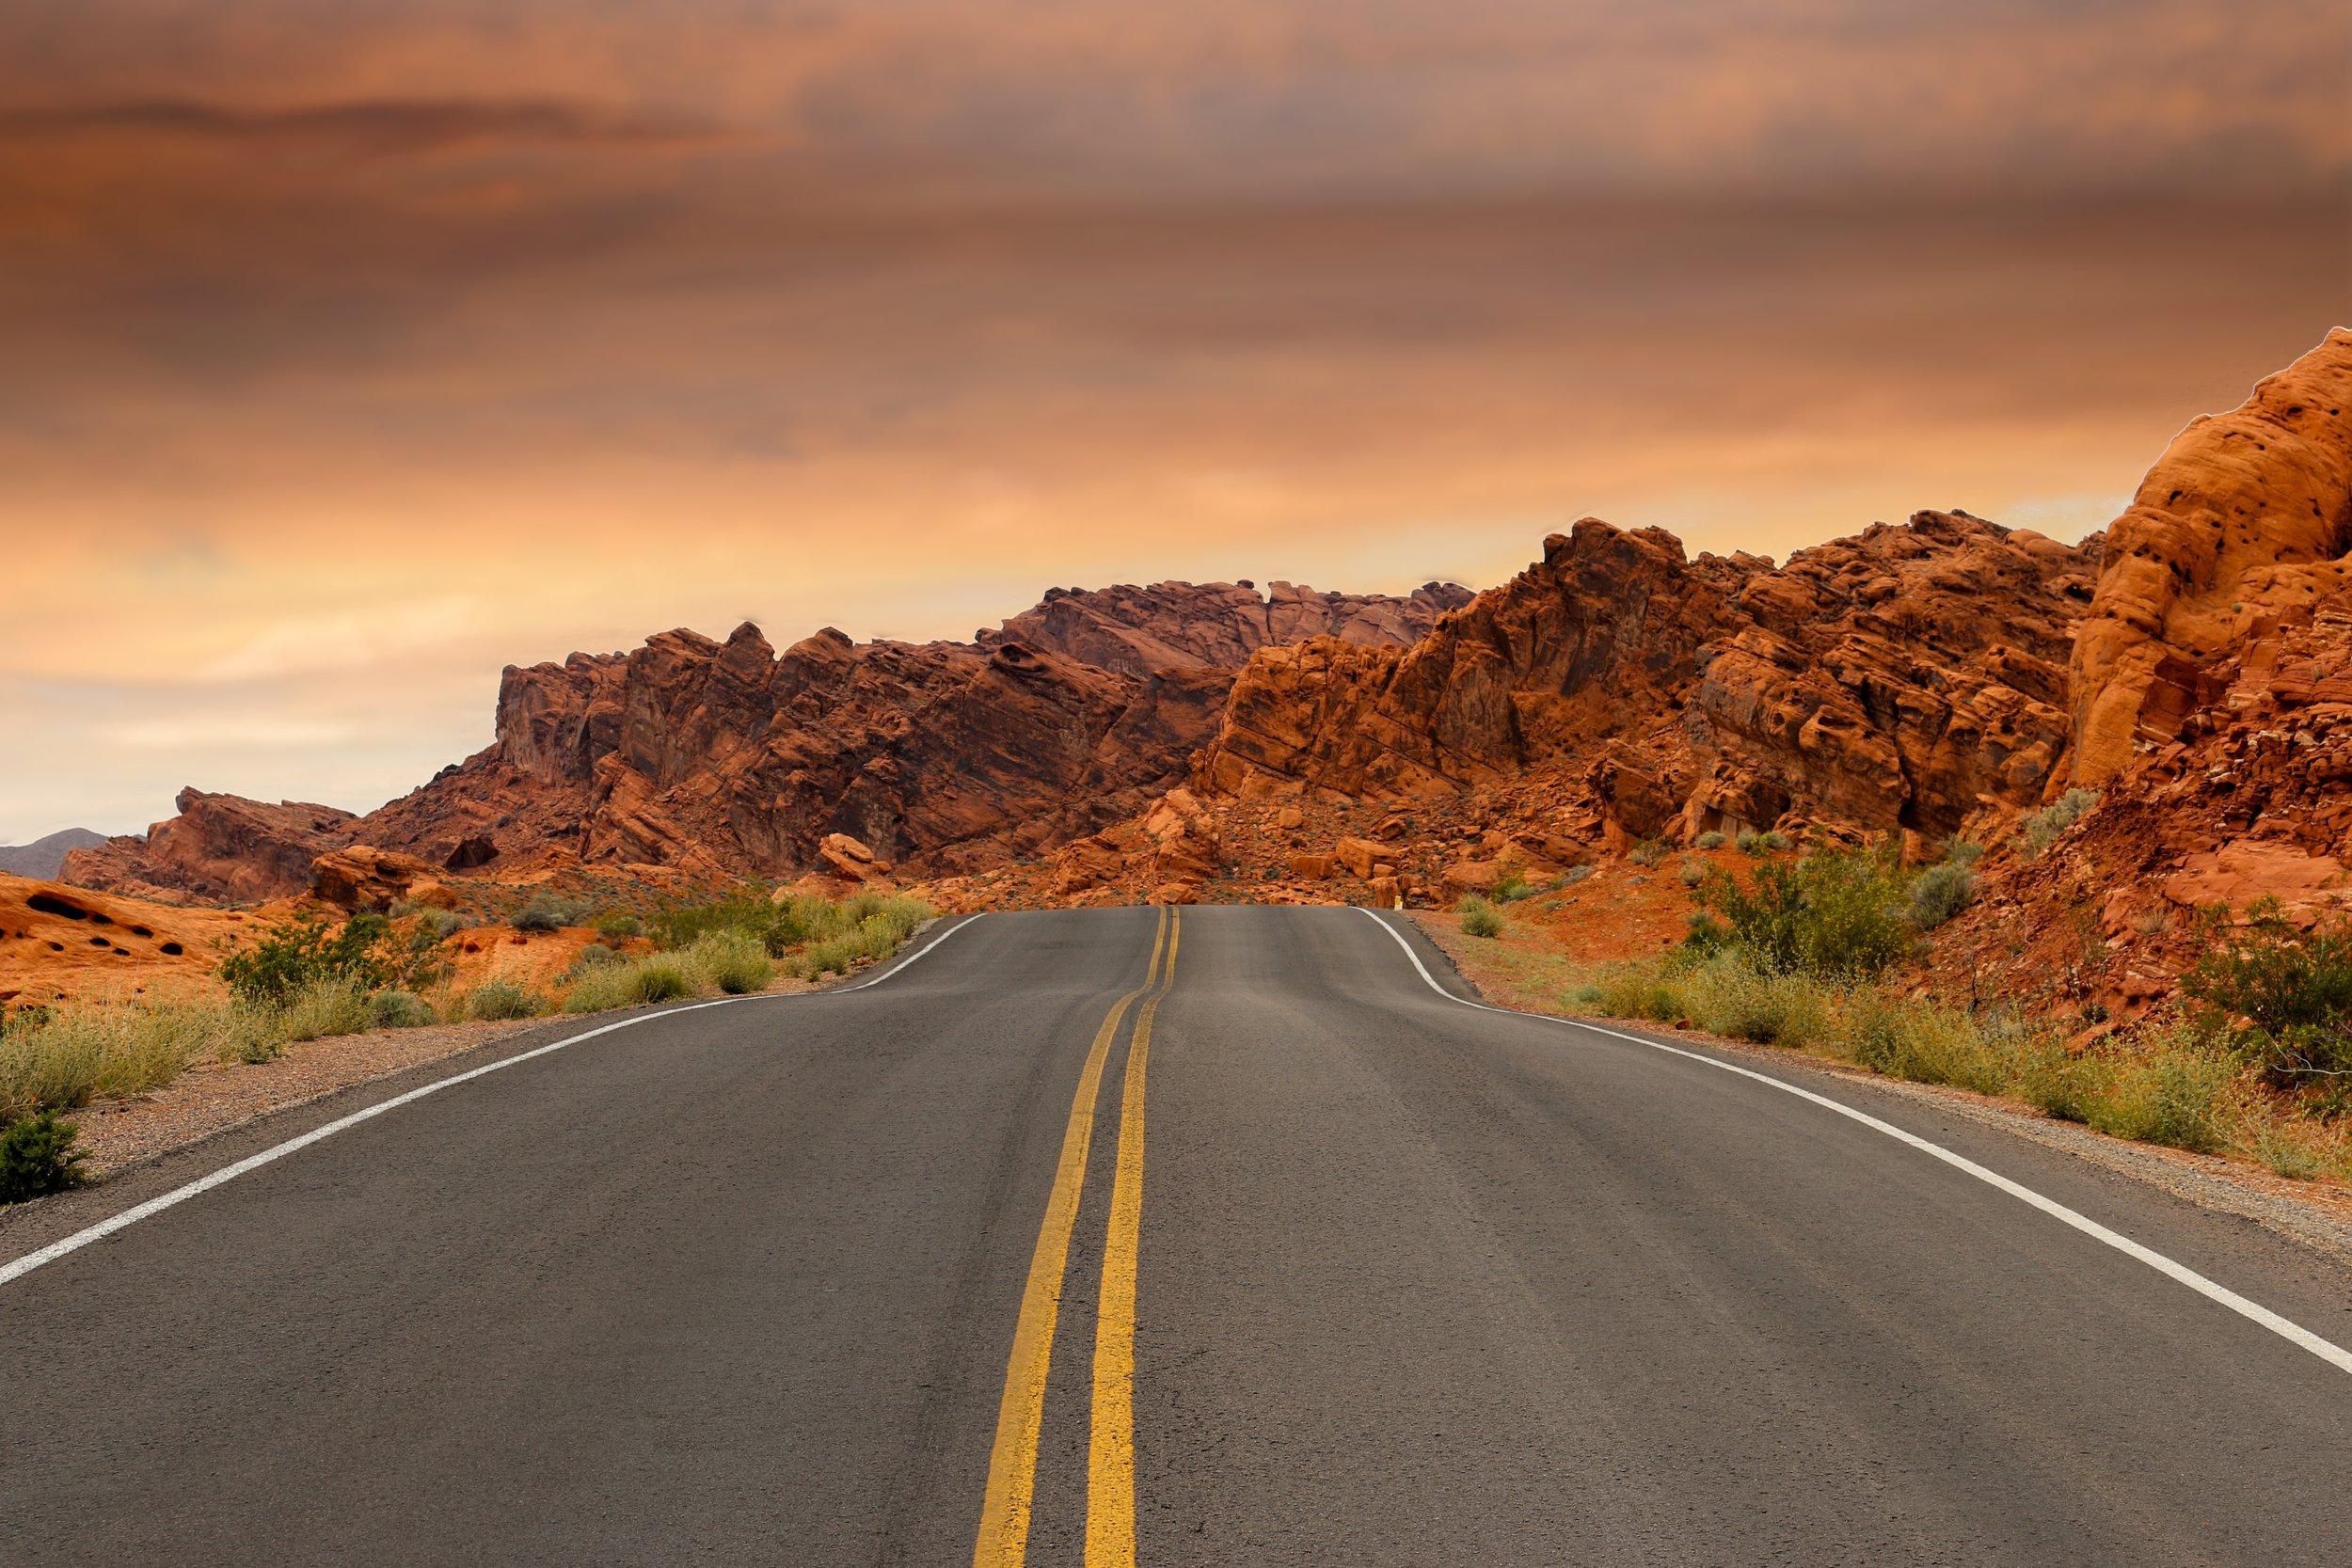 road-mountains-sunset-path-163848.jpeg